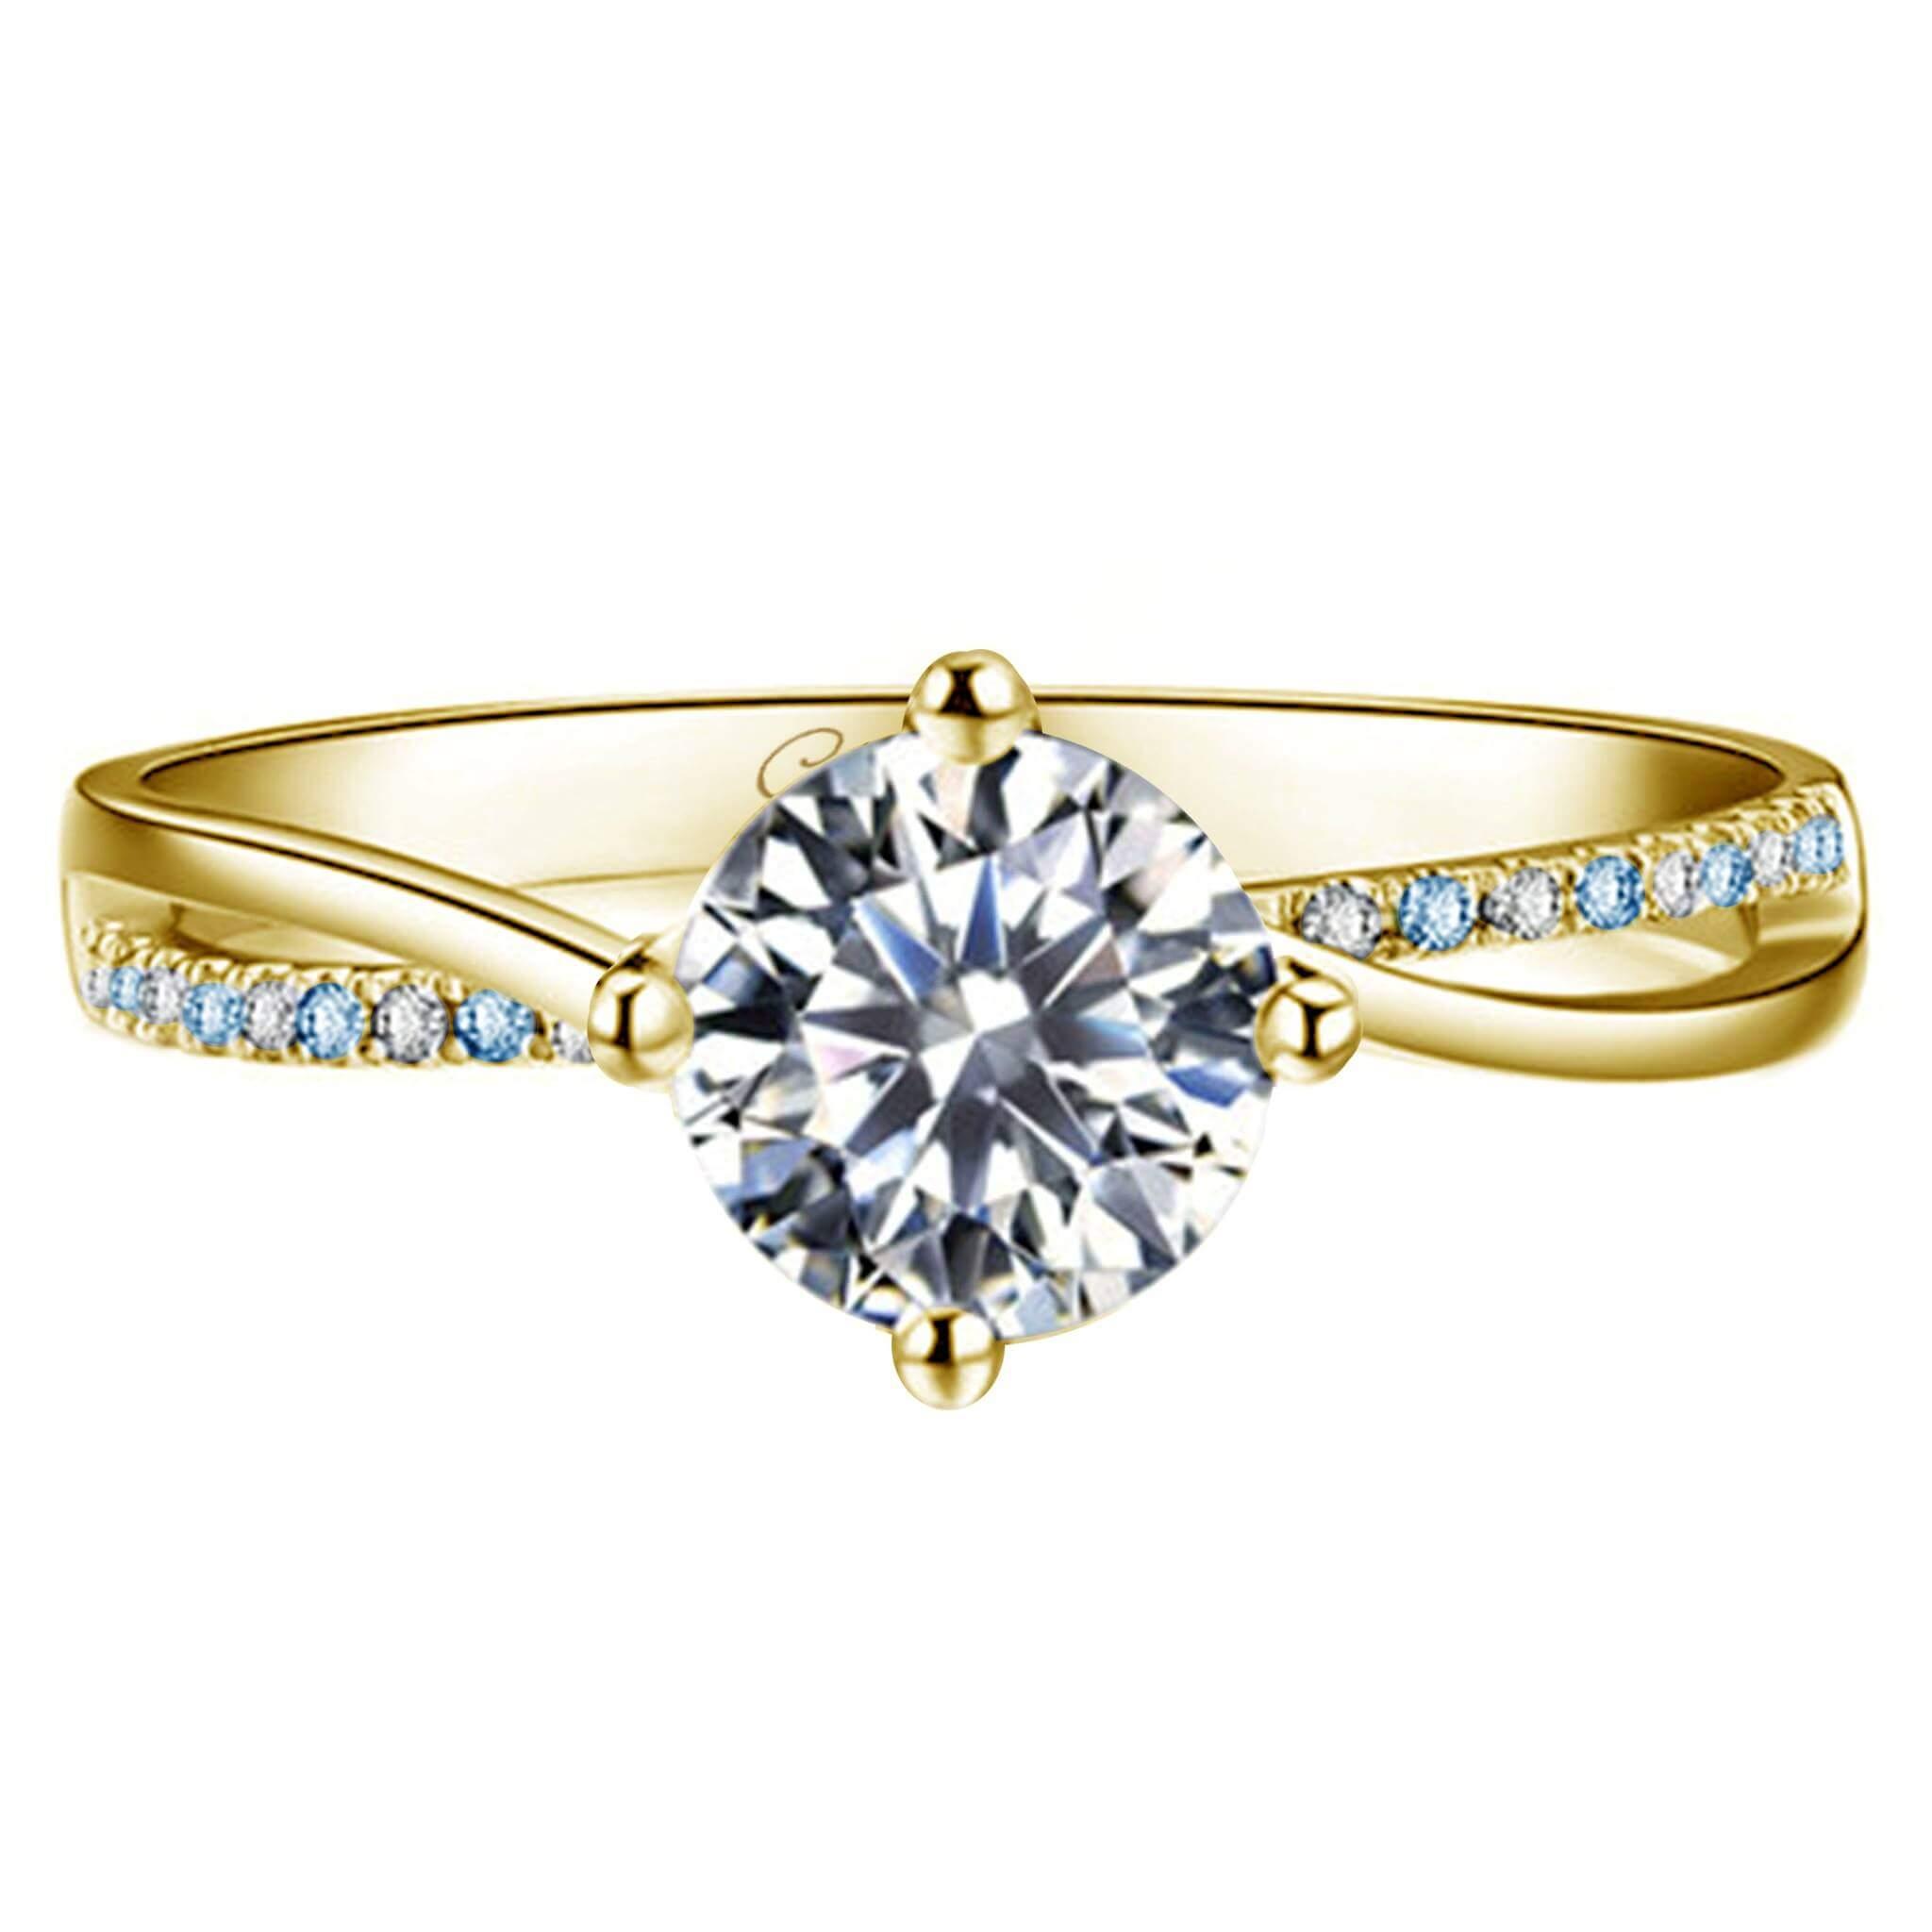 1df6f508fa8d Tu anillo de compromiso debe mostrarte a ti en todo tu esplendor. Tus  colores son dorados o amarillos cálidos con brillos. Este espectacular  diseño viene ...